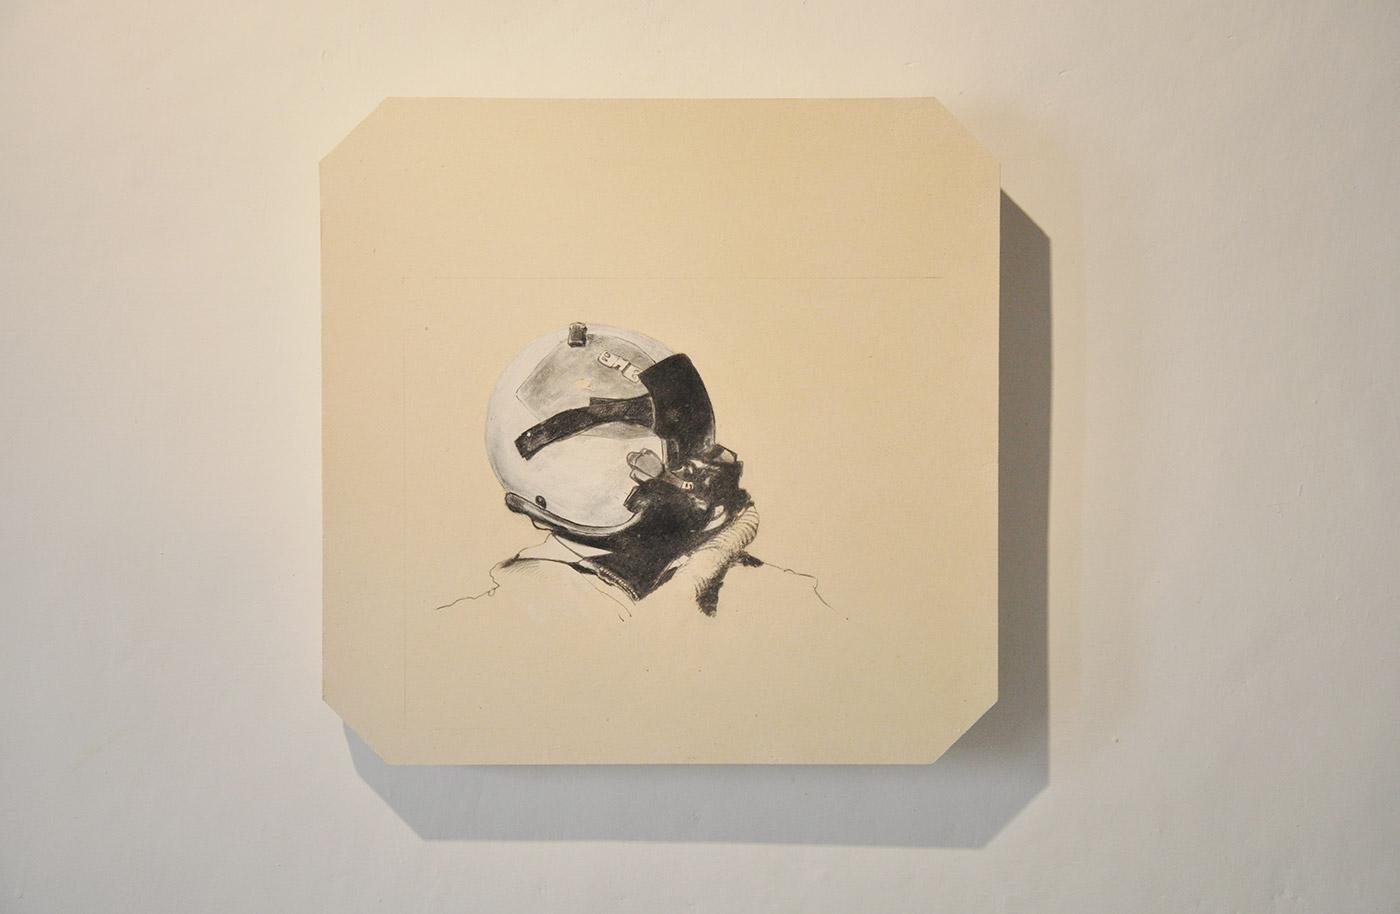 carton plant, graphite, Lascod plaster cm 31 x 31 x 4. 2011